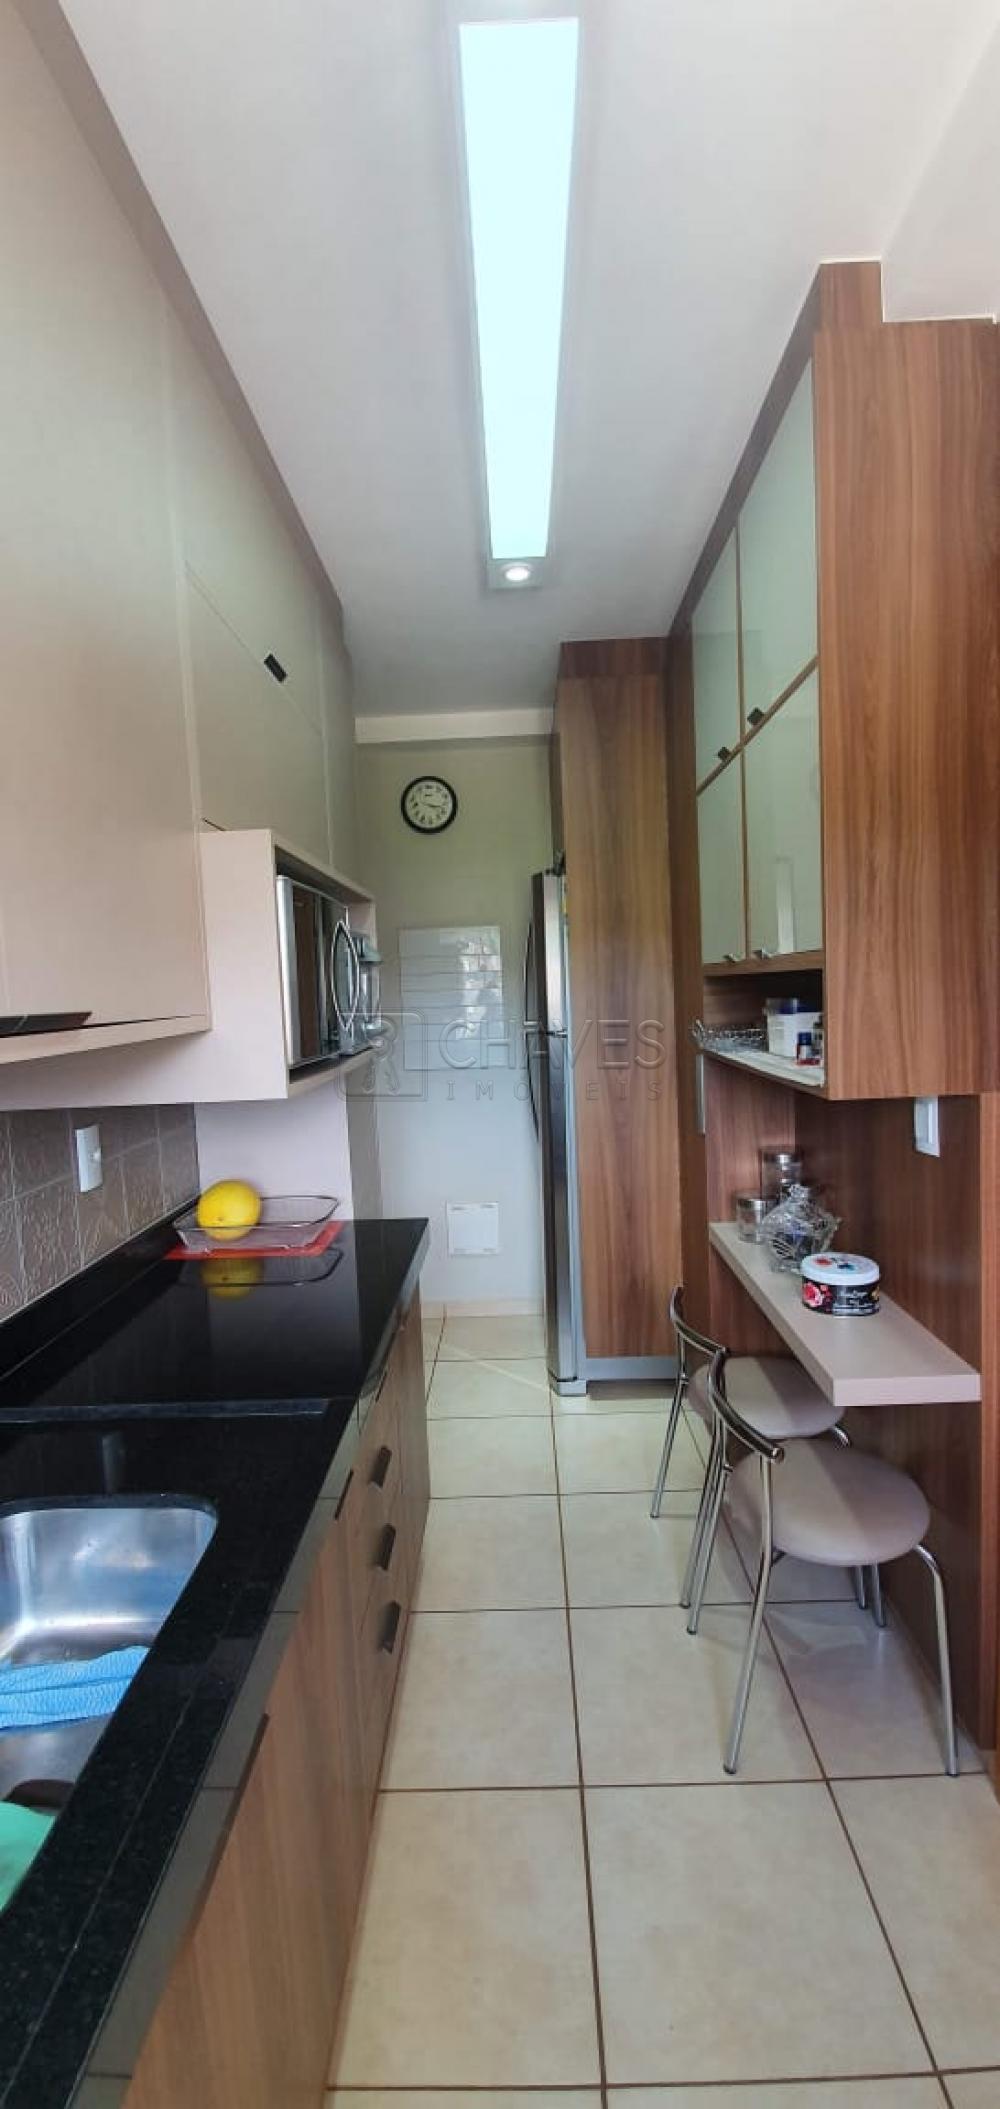 Comprar Apartamento / Padrão em Ribeirão Preto R$ 630.000,00 - Foto 10